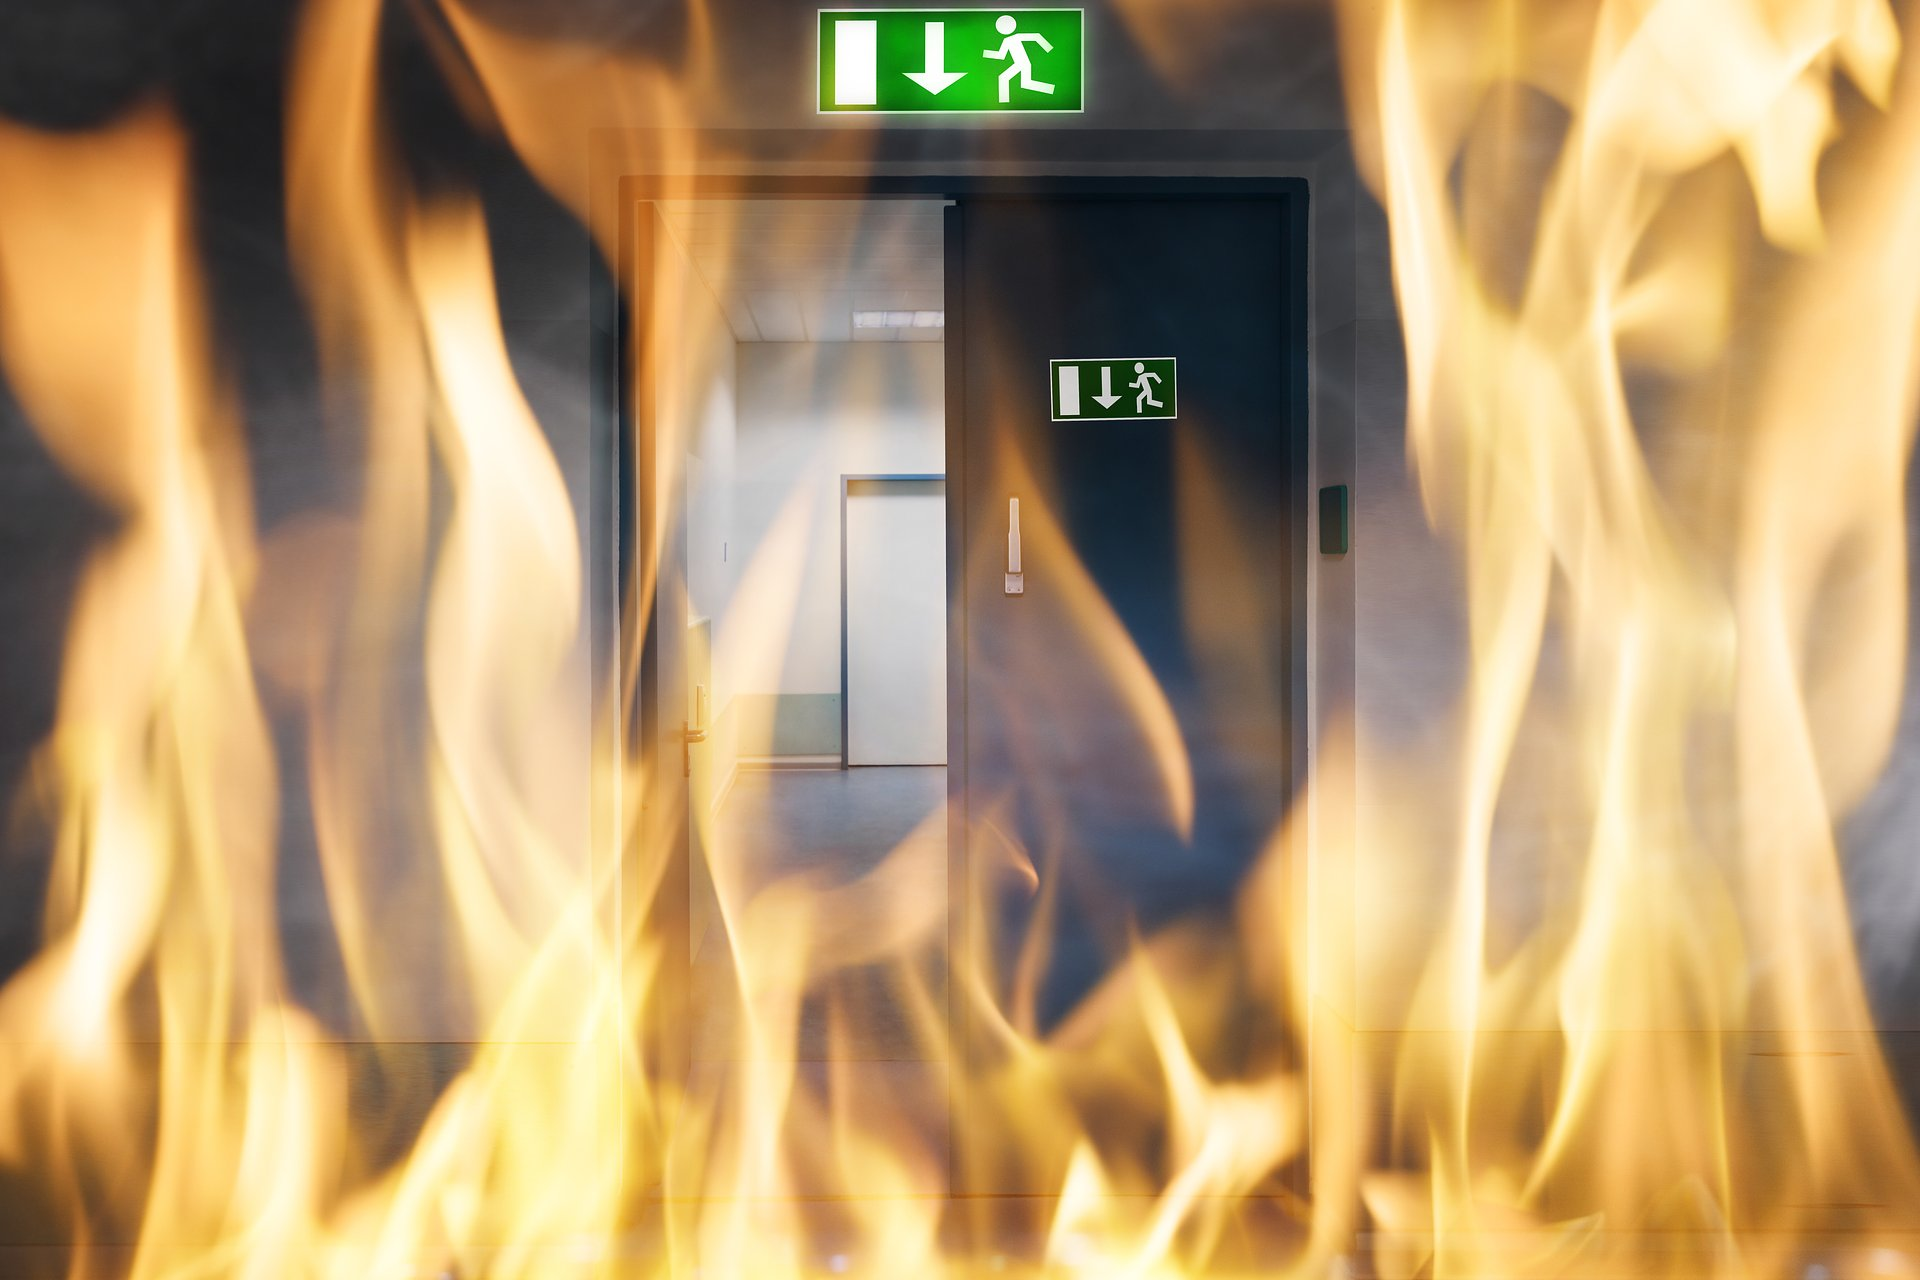 Pożar zniszczył aptekę w Jedwabnem. Można pomóc w jej odbudowie!